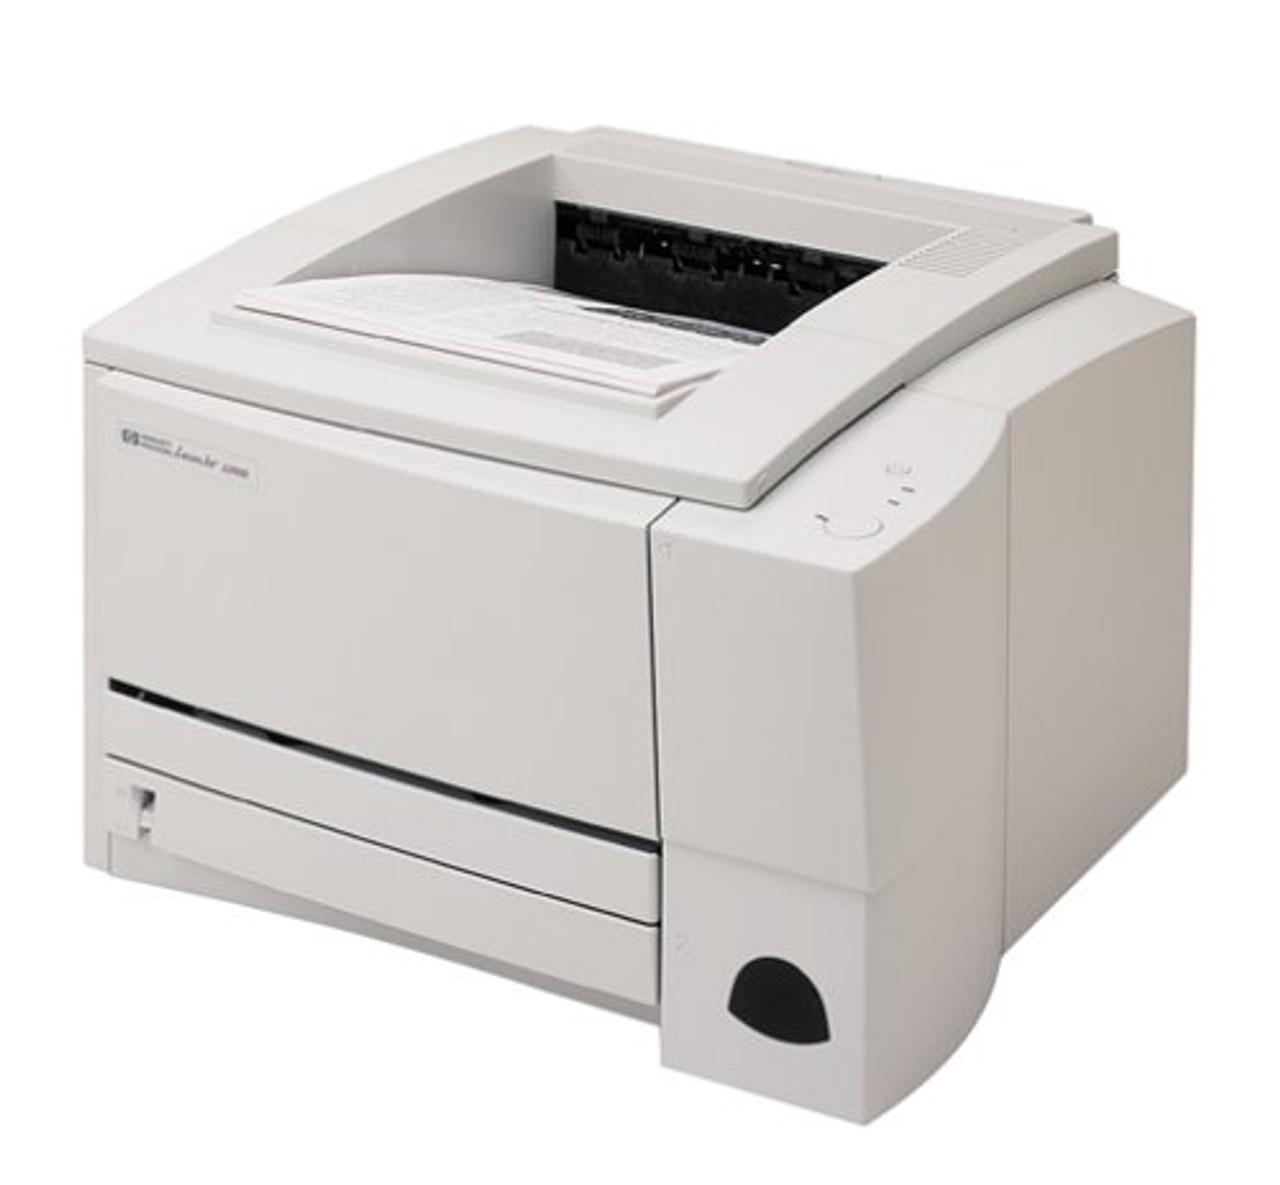 HP LaserJet 2200 - C7064A#201- HP Laser Printer for sale